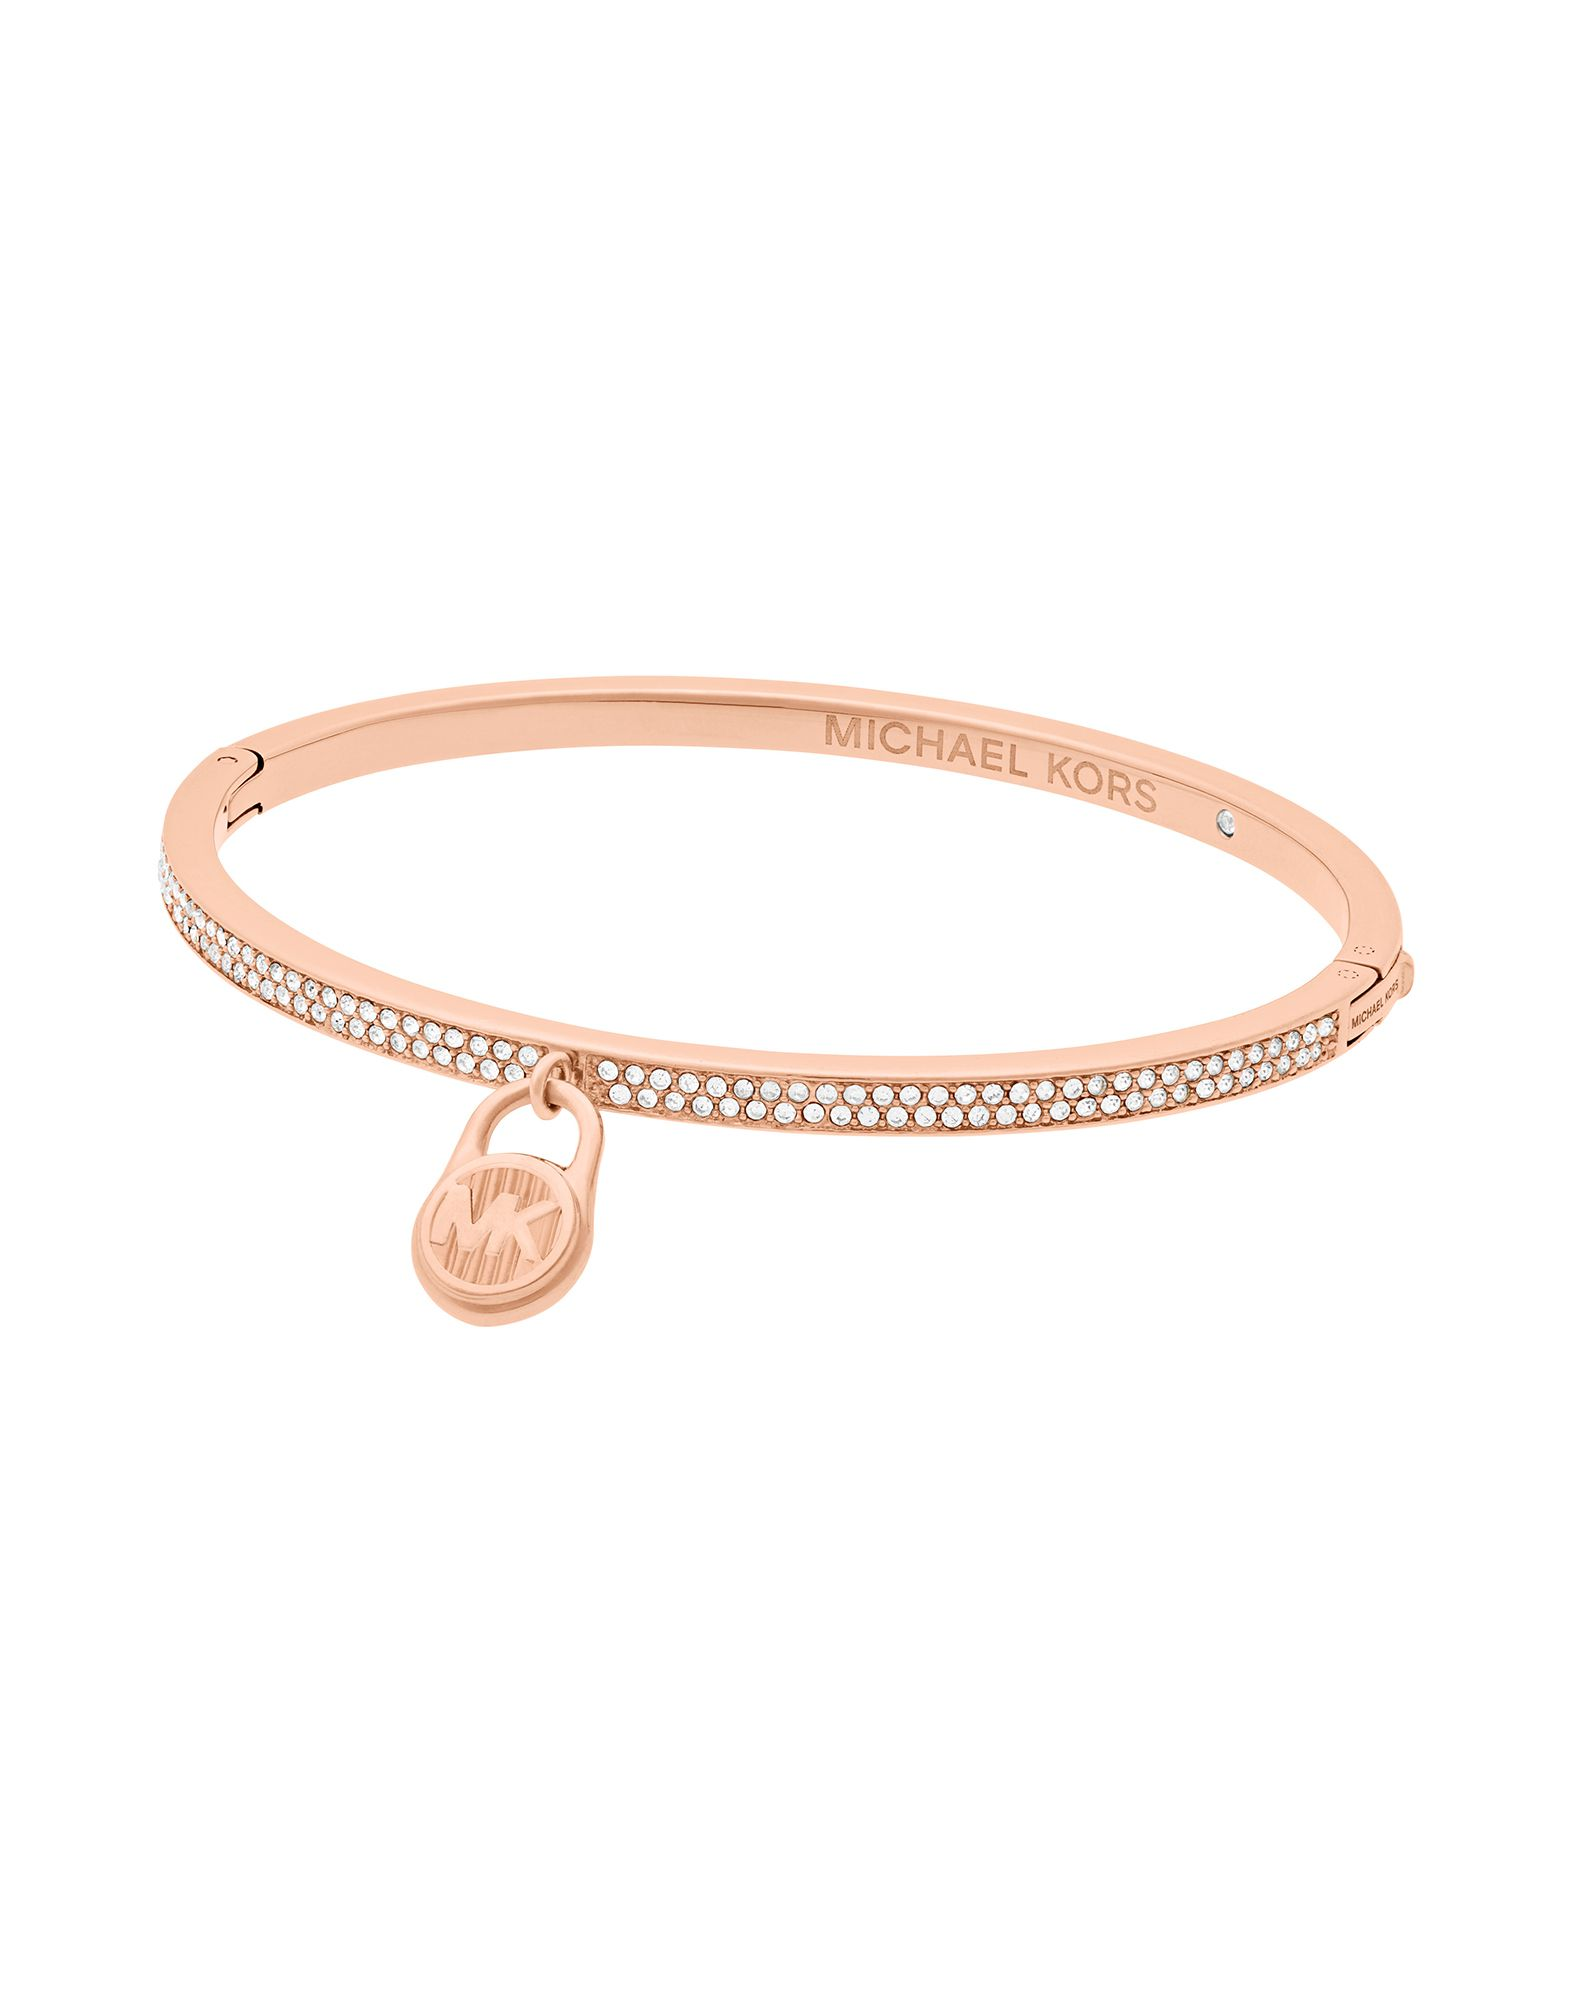 Michael Kors Fashion Bracelet Women